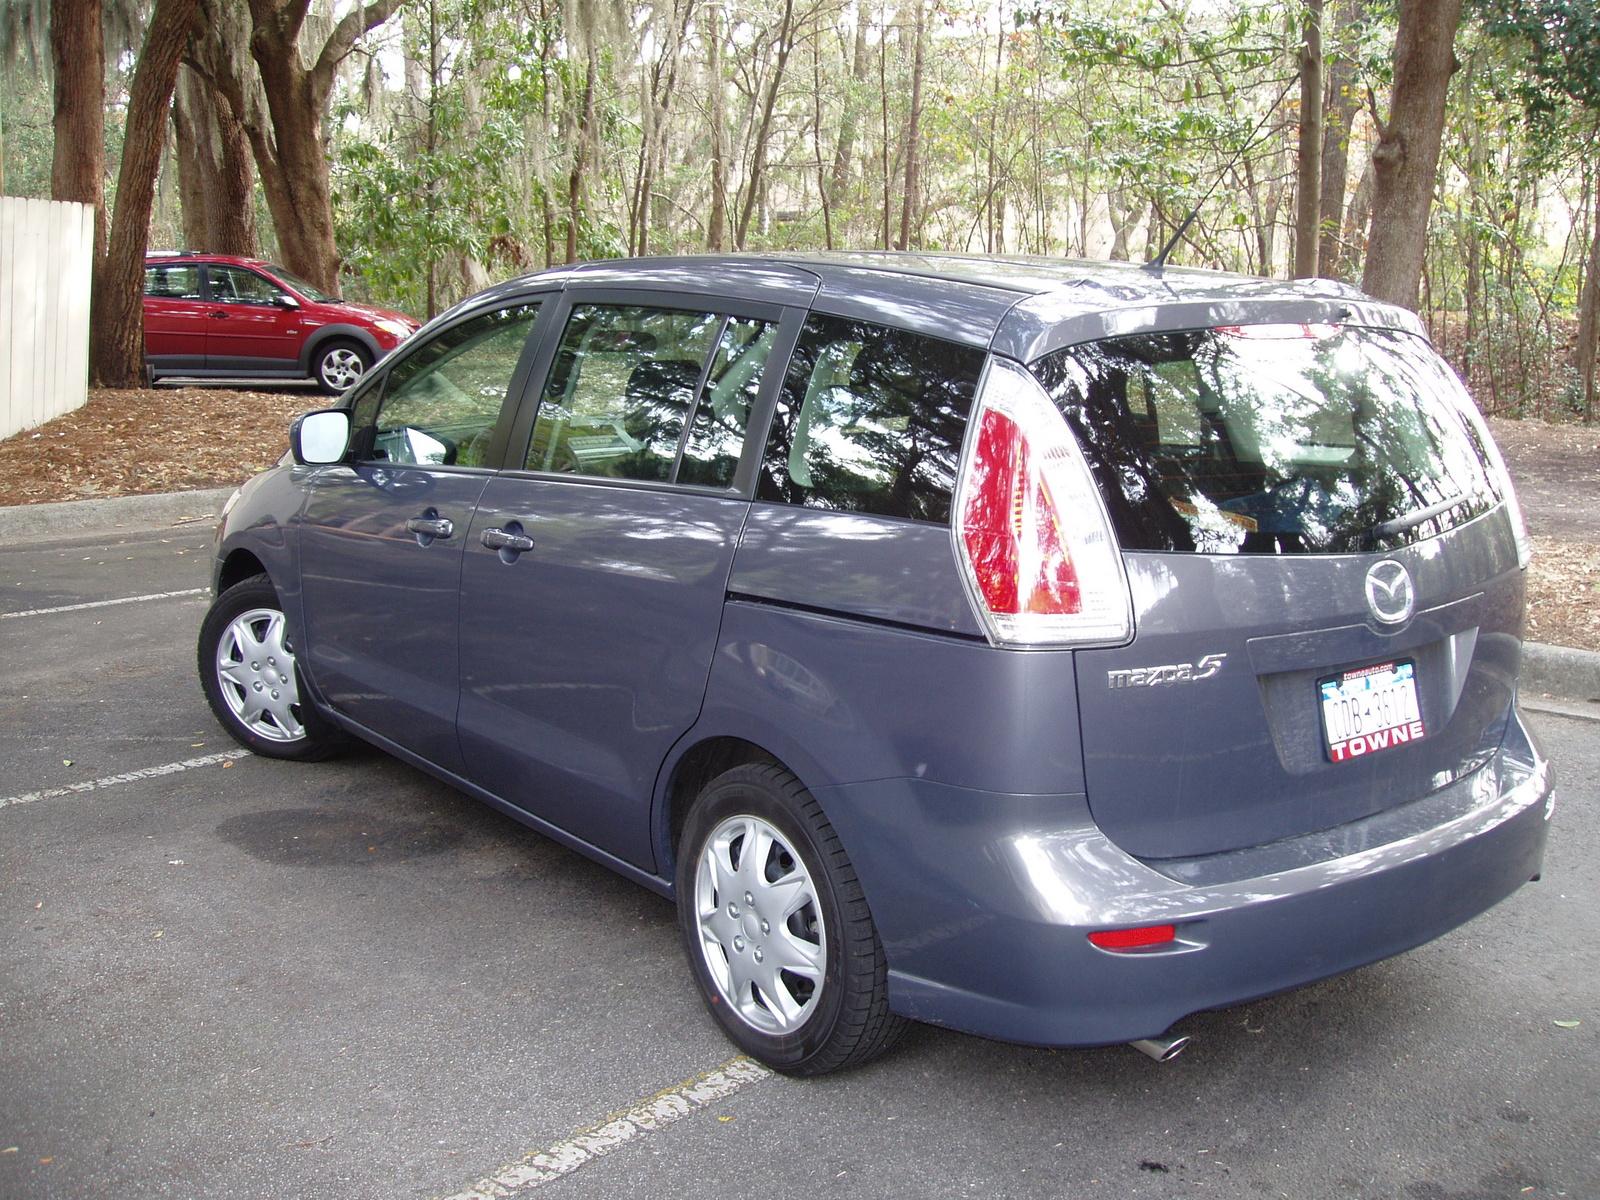 2010 Mazda Mazda5 Pictures Cargurus